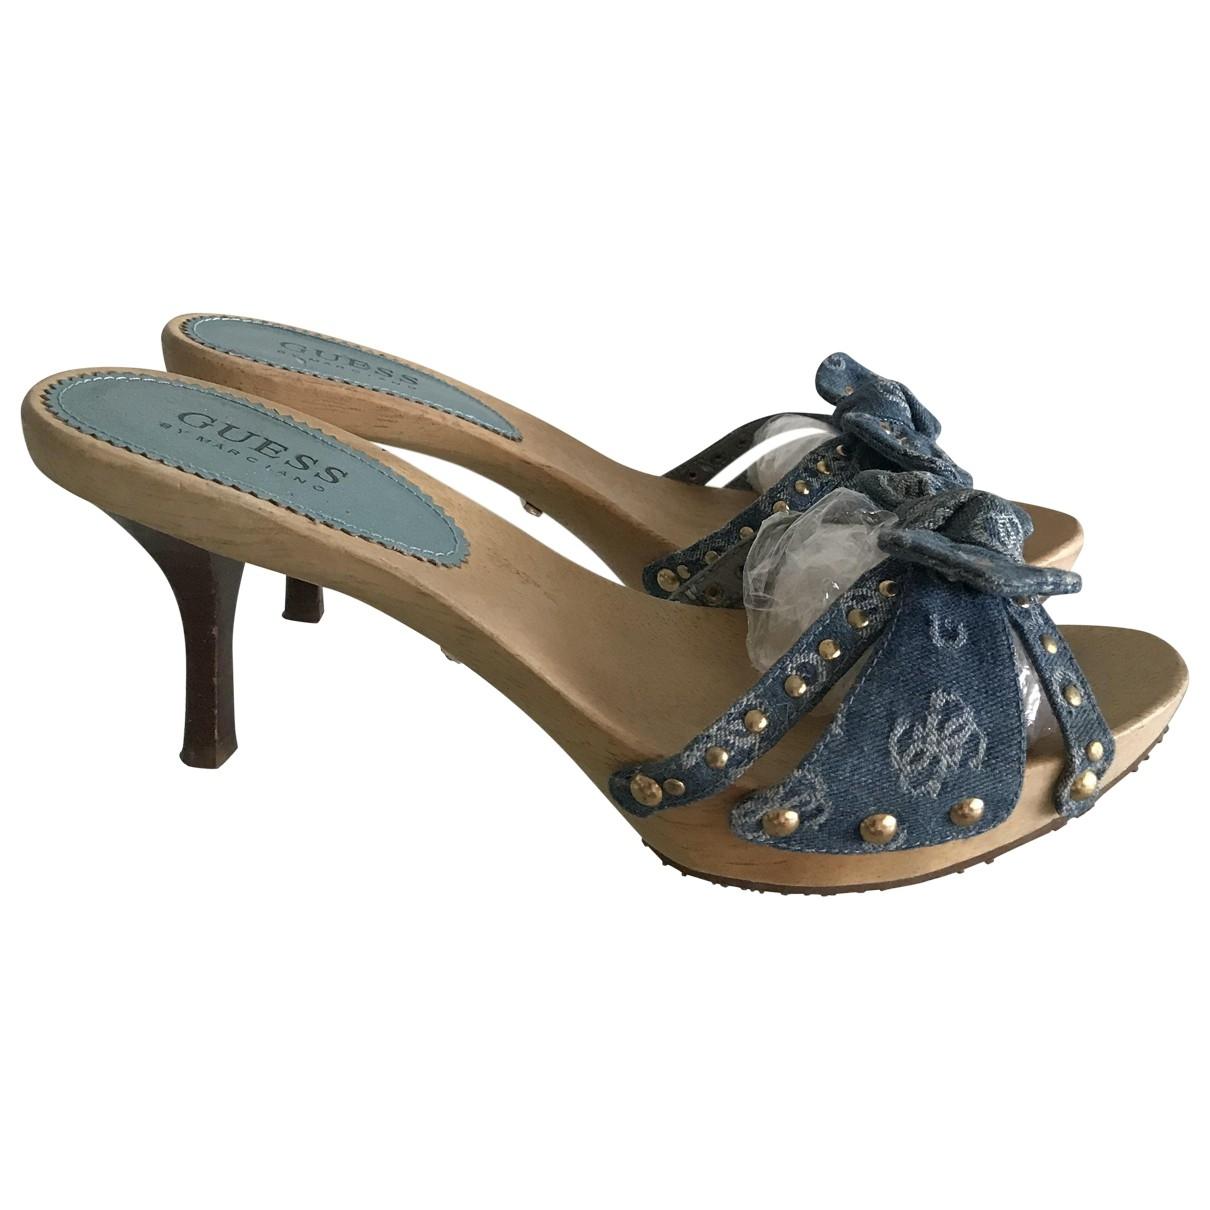 Guess - Sandales   pour femme en toile - bleu